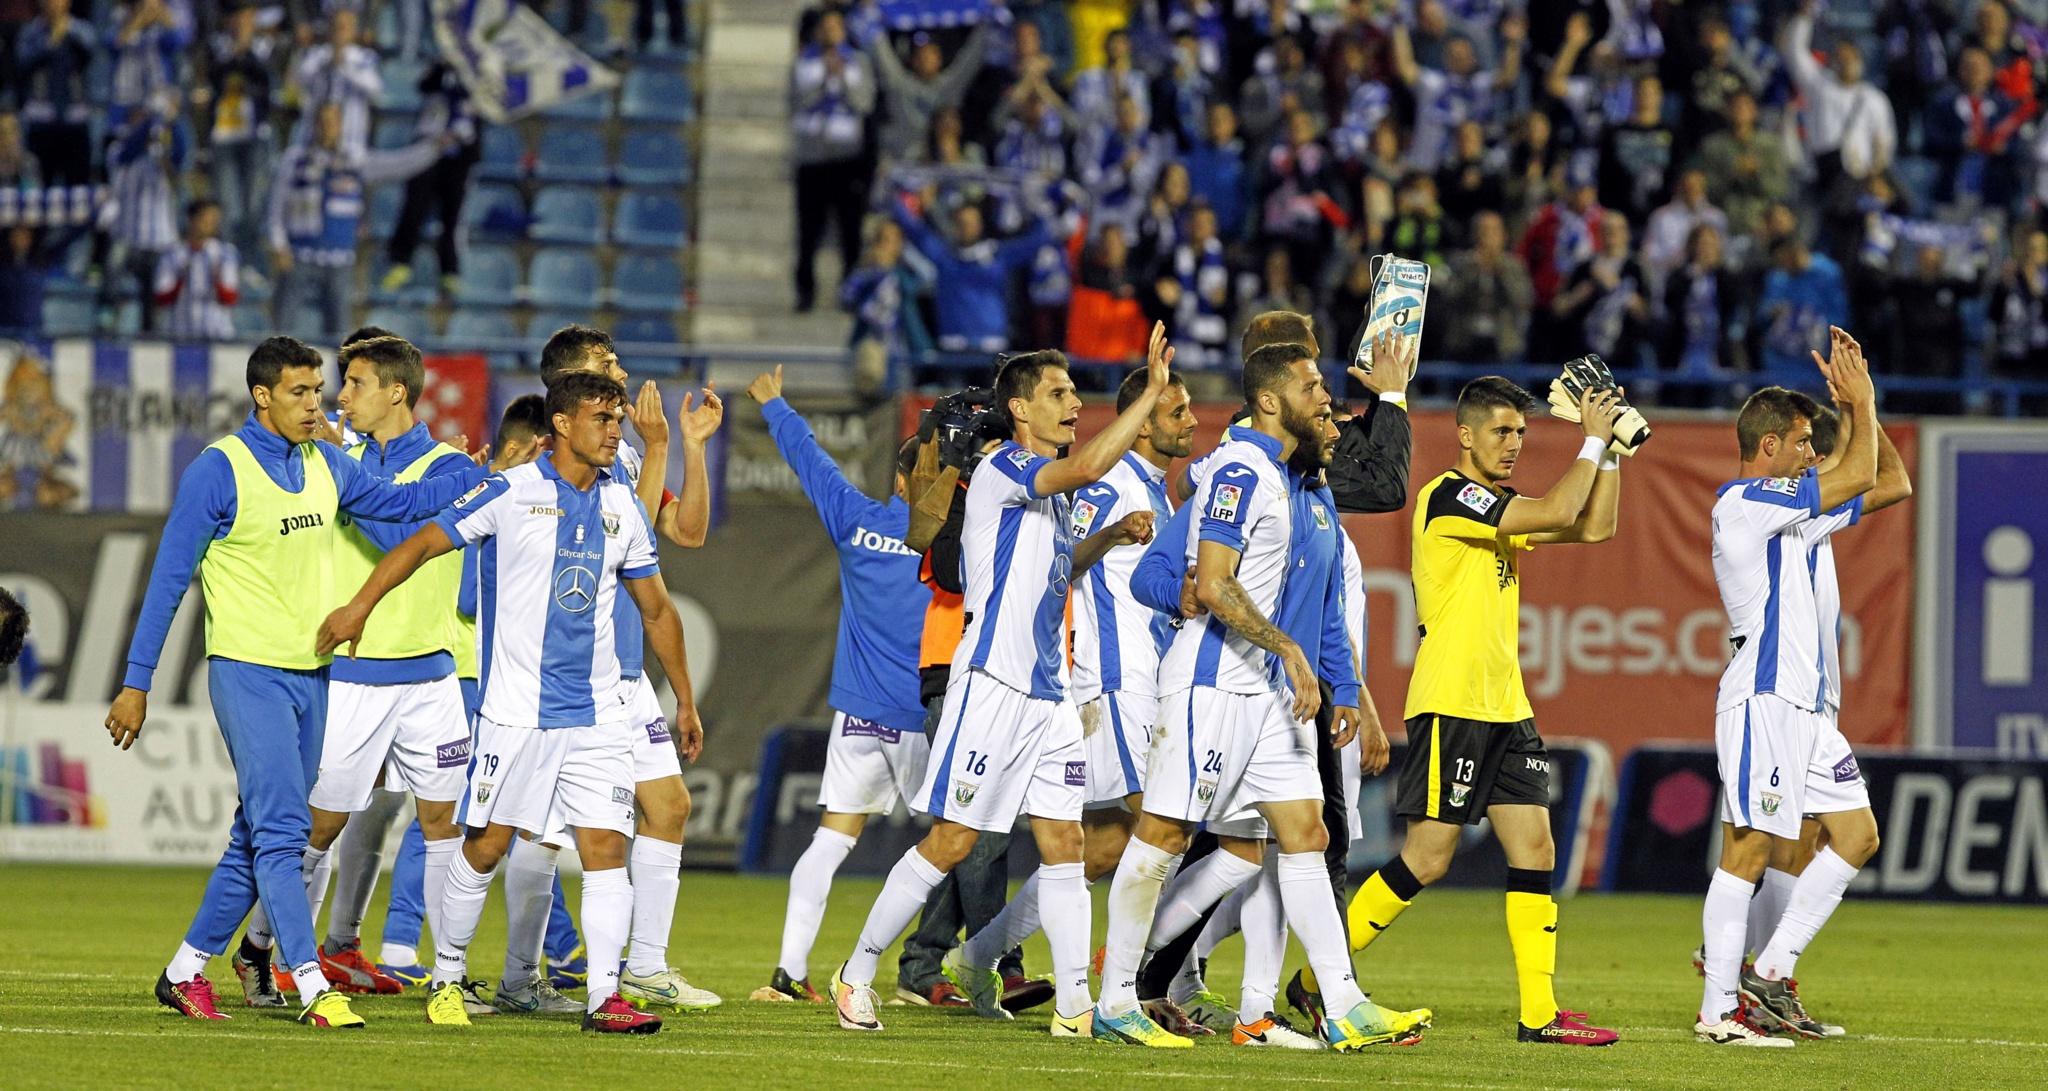 Jugadores del Leganés tras un encuentro en el Estadio de Butarque.